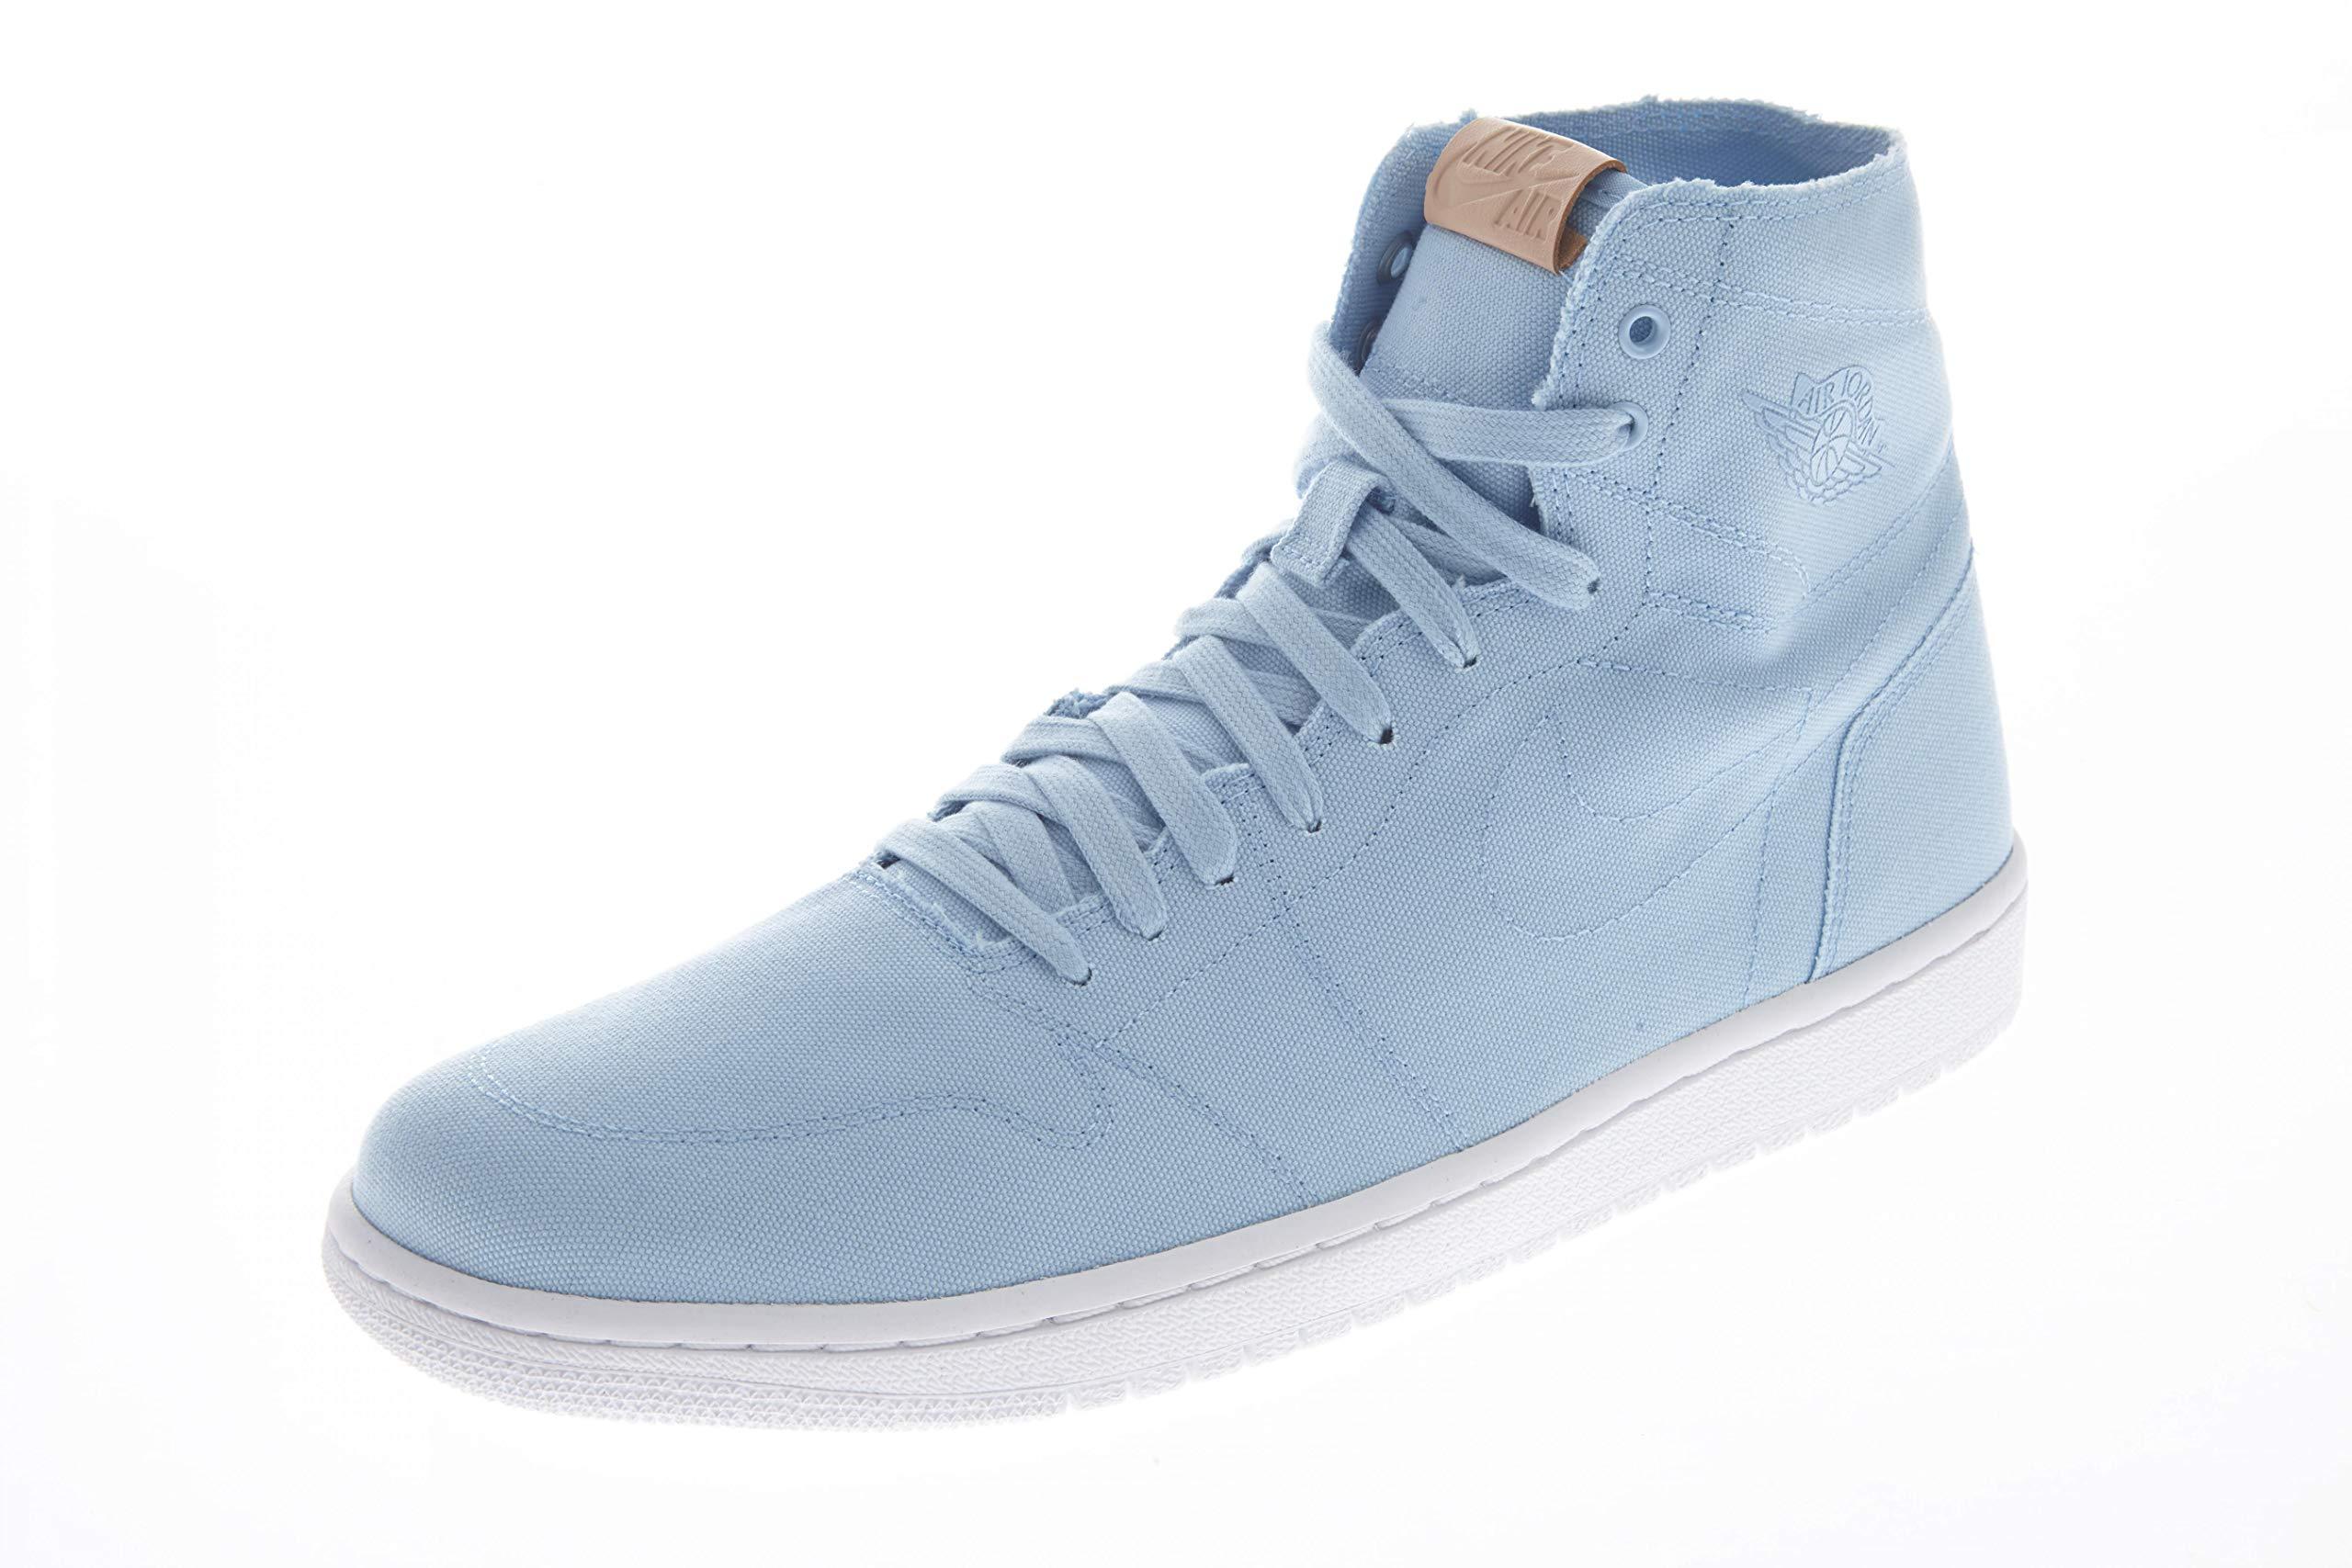 7d536a1bfeef Galleon - Air Jordan 1 Retro High Decon Men s Shoes Ice Blue White Vachetta  Tan 867338-425 (9 D(M) US)